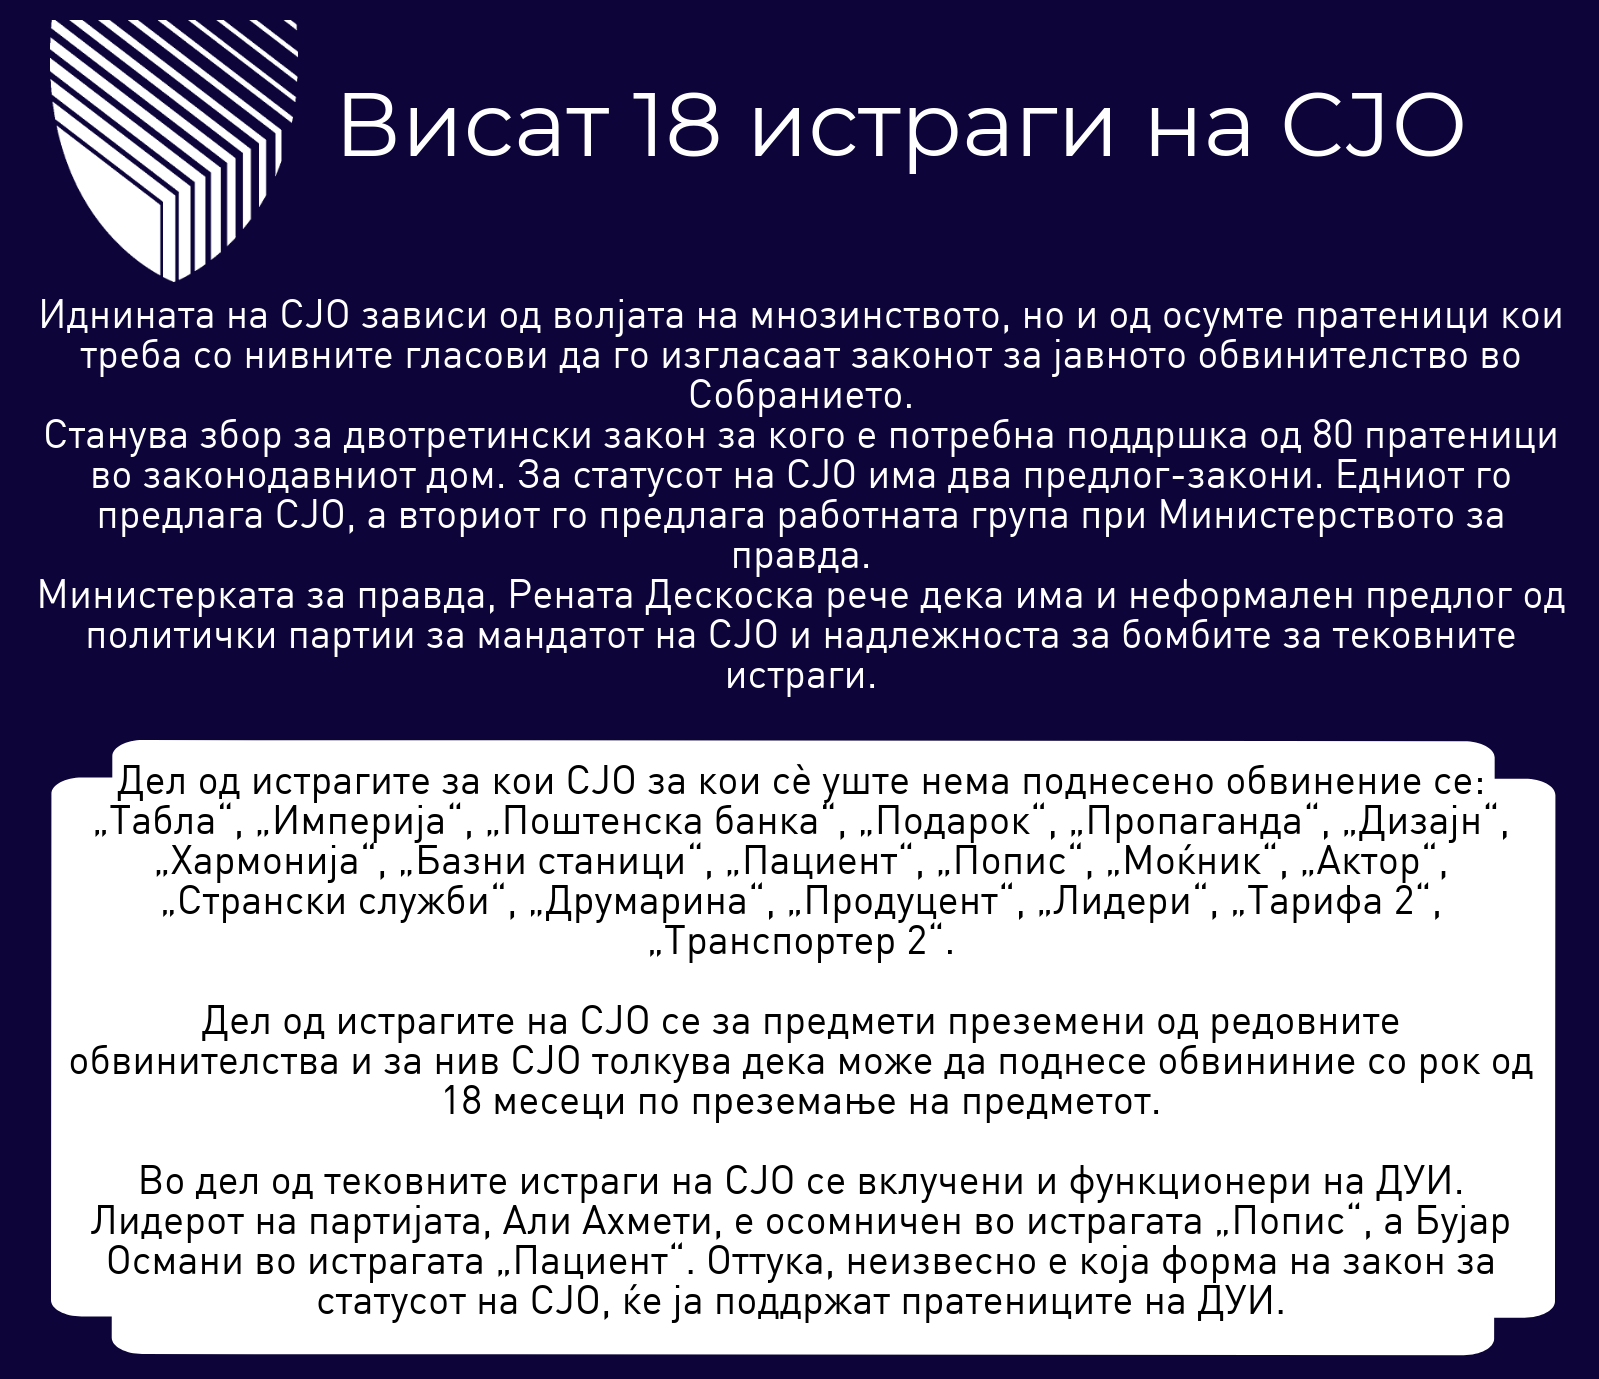 [Image: infografik-sjo2.png]